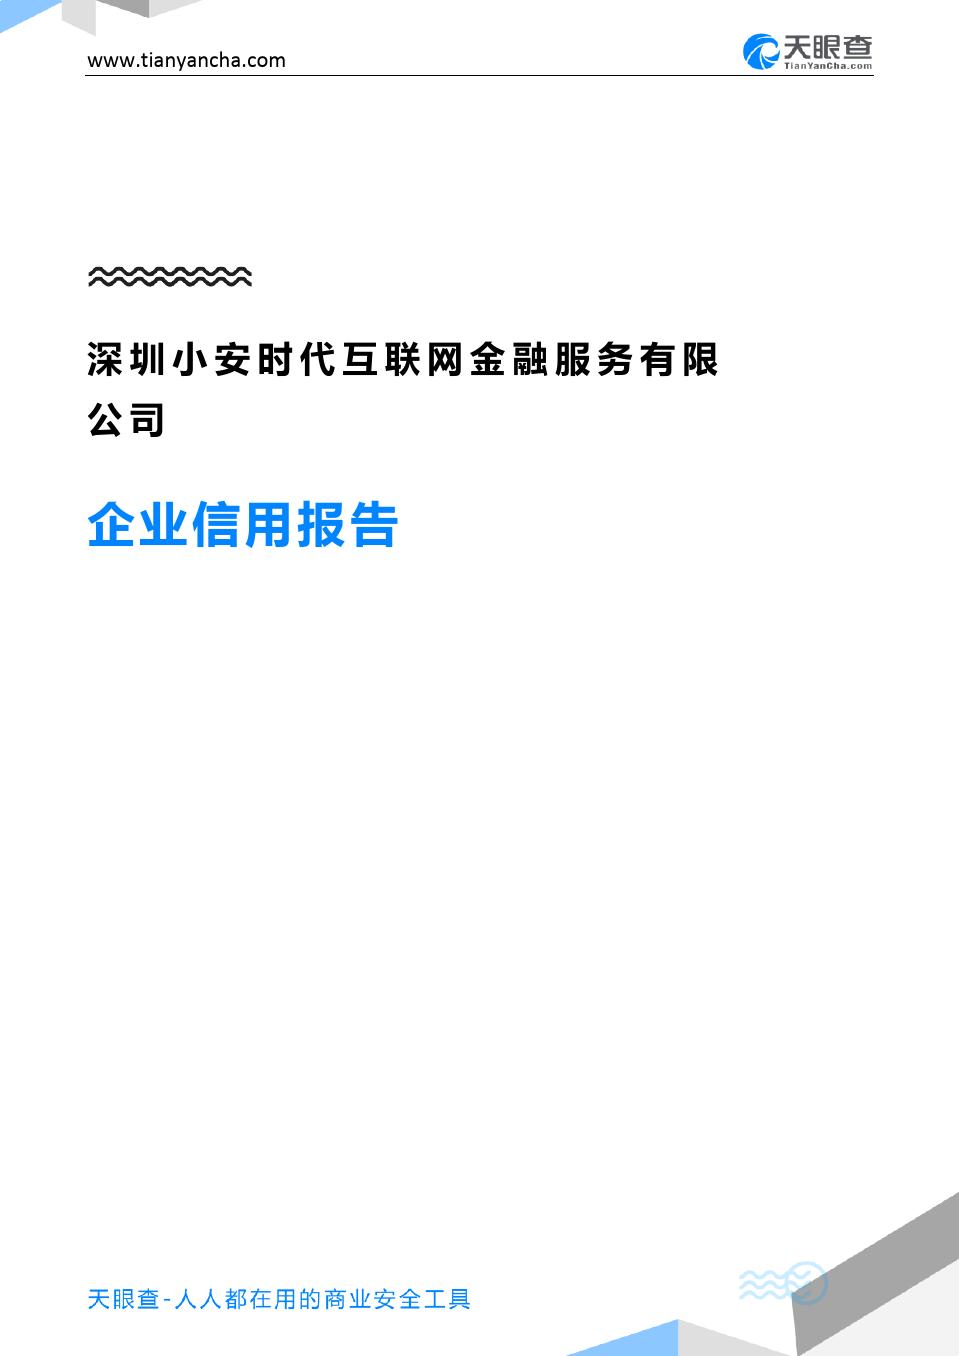 深圳小安時代互聯網金融服務有限公司(企業信用報告)- 天眼查